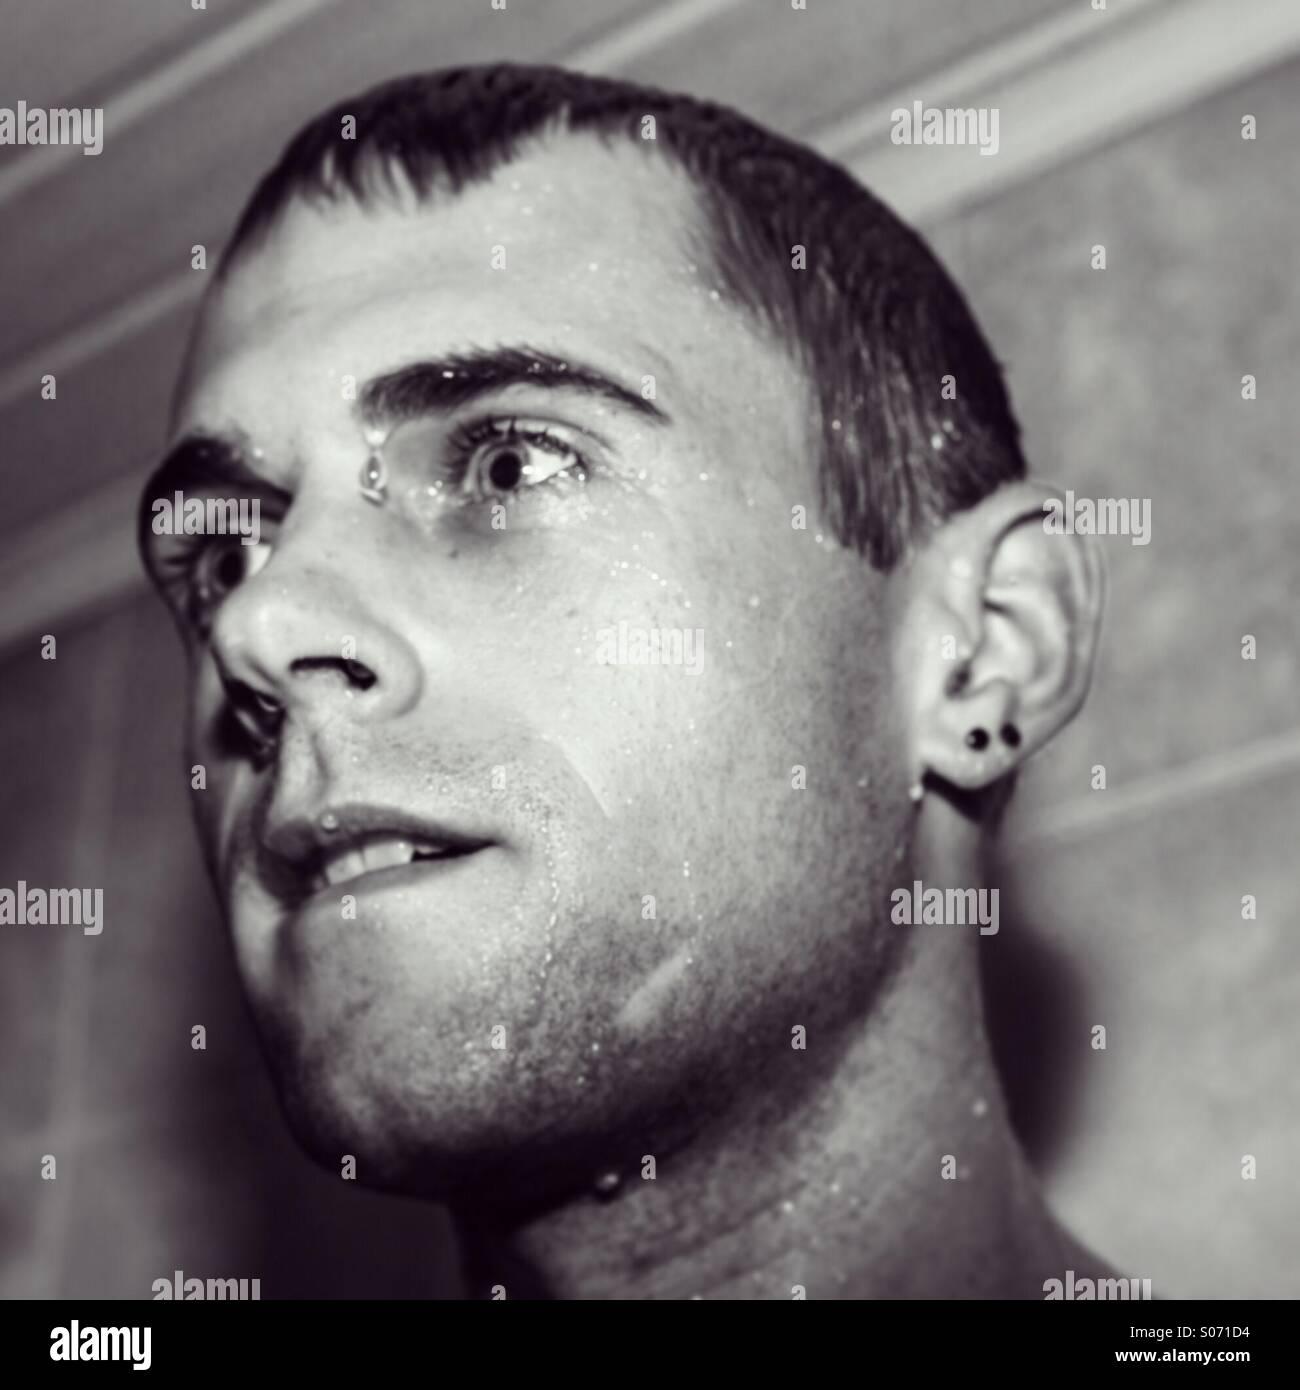 Mann mit nassem Gesicht in Dusche Stockbild